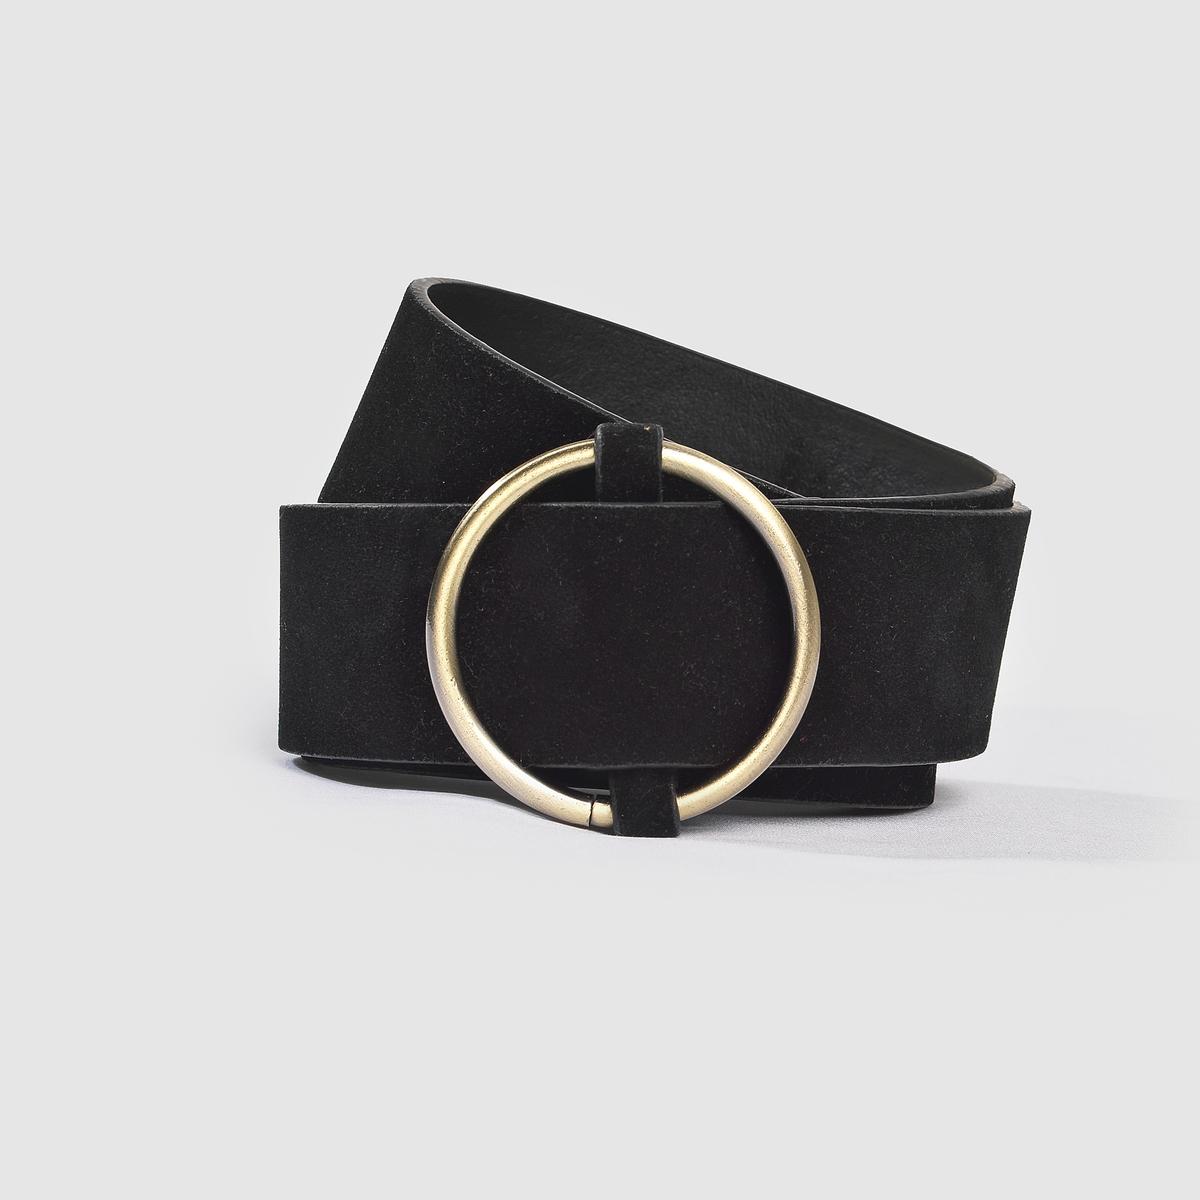 Ремень в винтажном стиле с круглой пряжкойСостав и описаниеМатериал :           полиуретанМарка :  Atelier RРазмеры : 4     см    Застежка : металлическая пряжка<br><br>Цвет: бежевый,черный<br>Размер: единый размер.единый размер